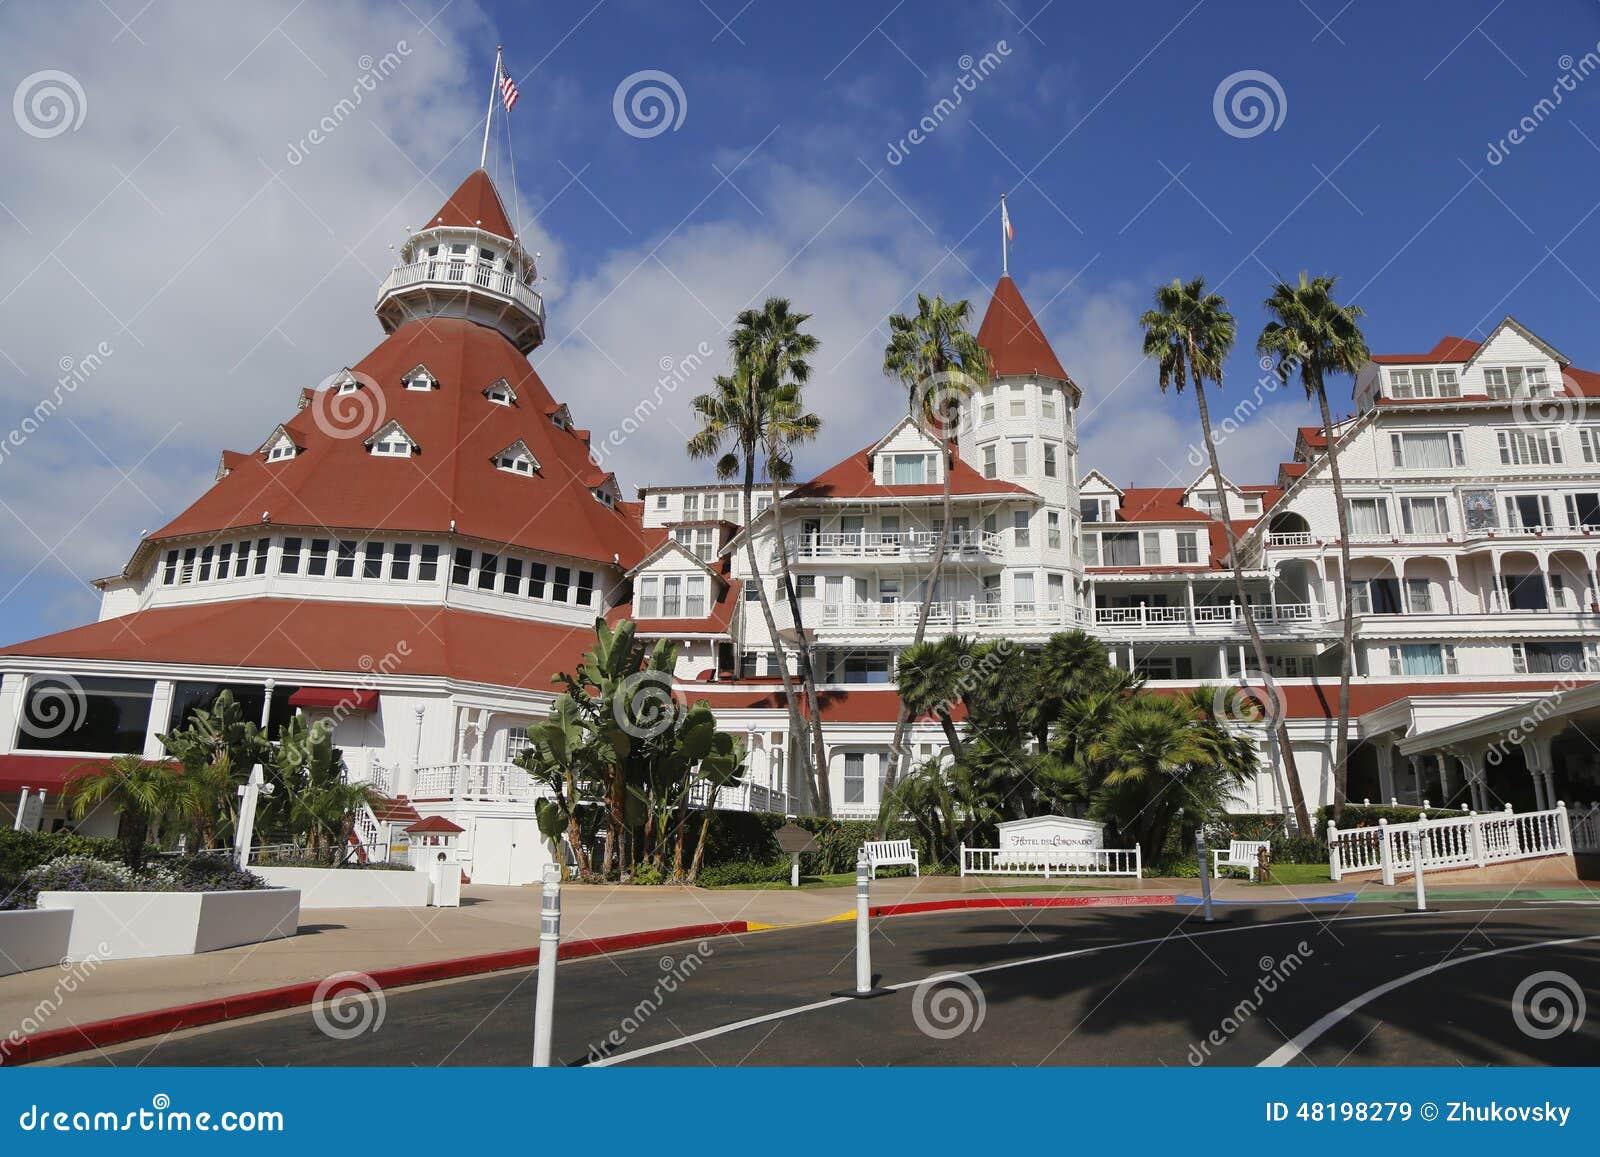 Hotel Motel San Diego